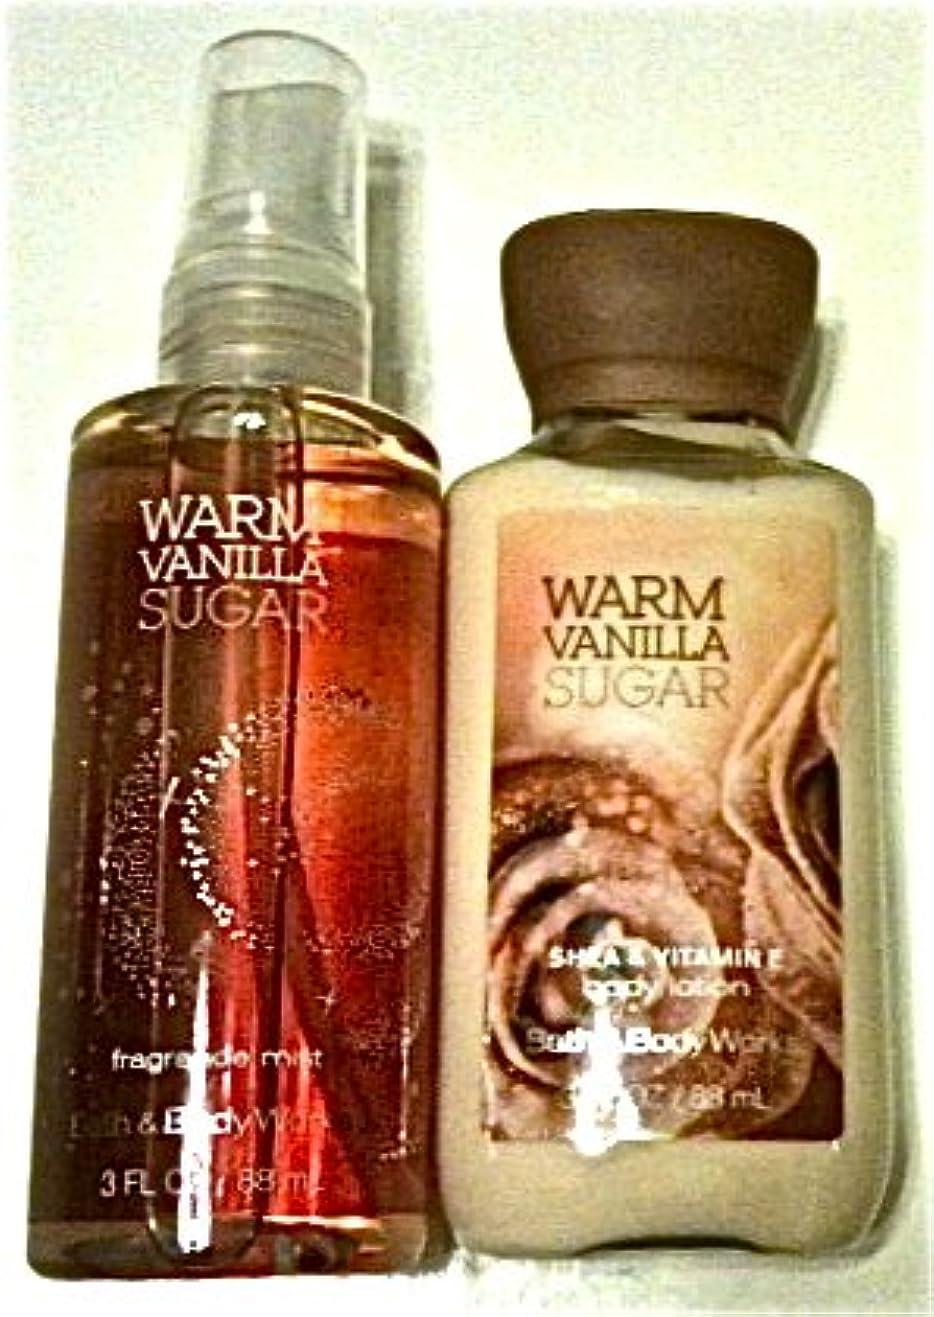 薄汚いリア王有望Bath & Body Works warm vanilla sugar body cream, fragrance mist ワームバニラシュガー、ボディークリーム&ミスト [海外直送品]